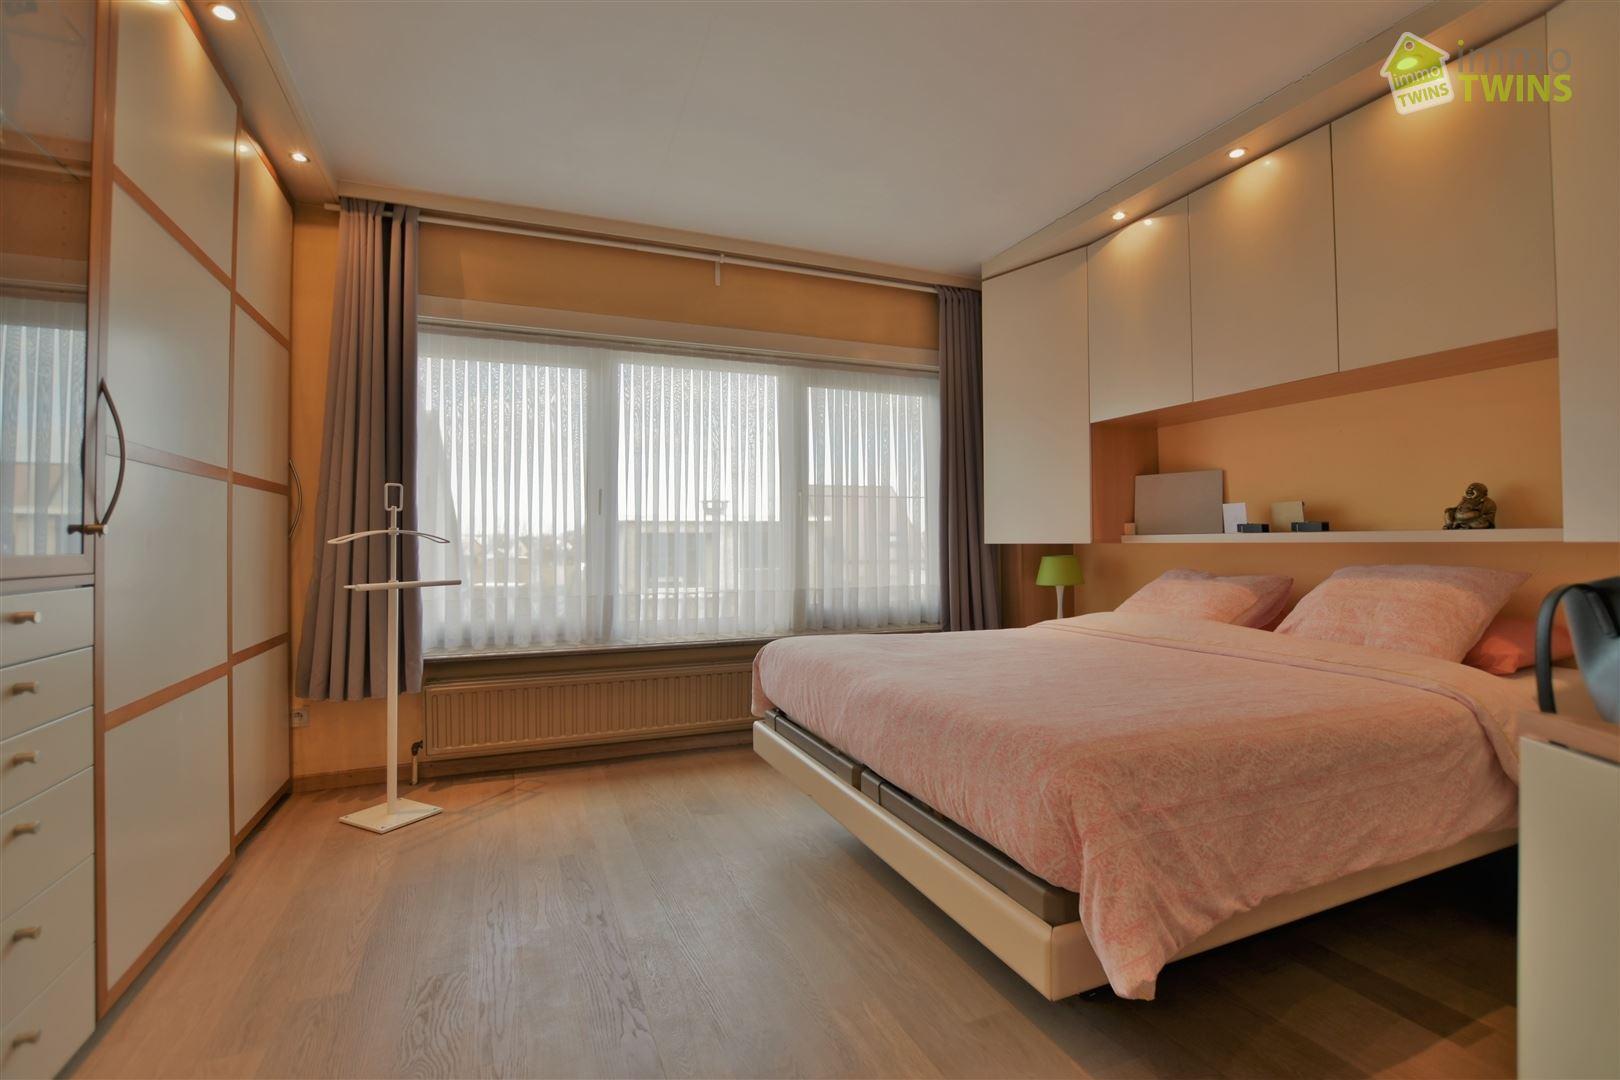 Foto 18 : Handelspand te 9308 GIJZEGEM (België) - Prijs € 549.000